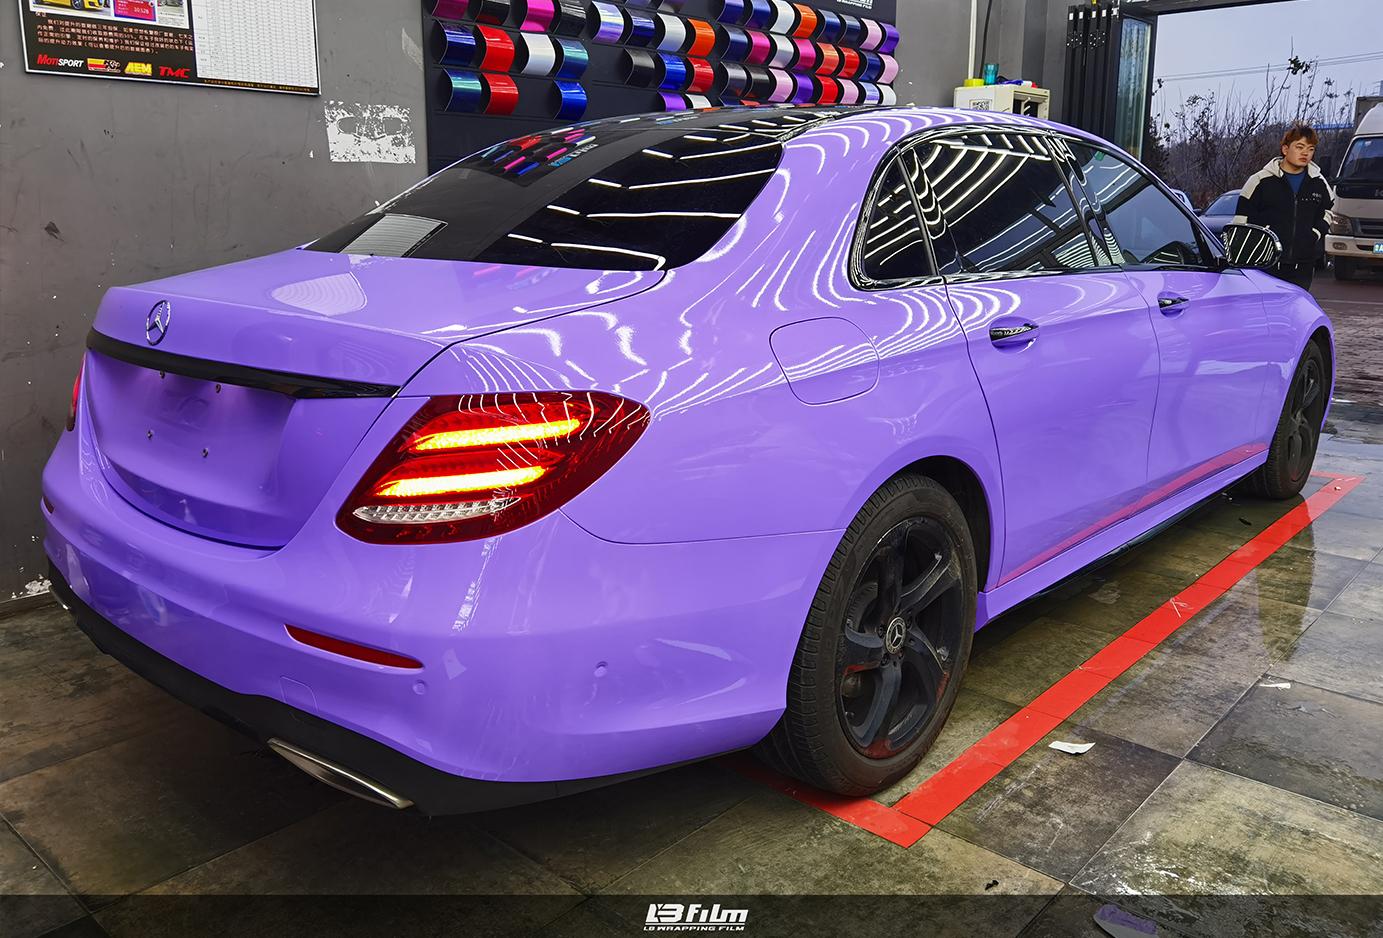 奔驰钻石梦幻紫